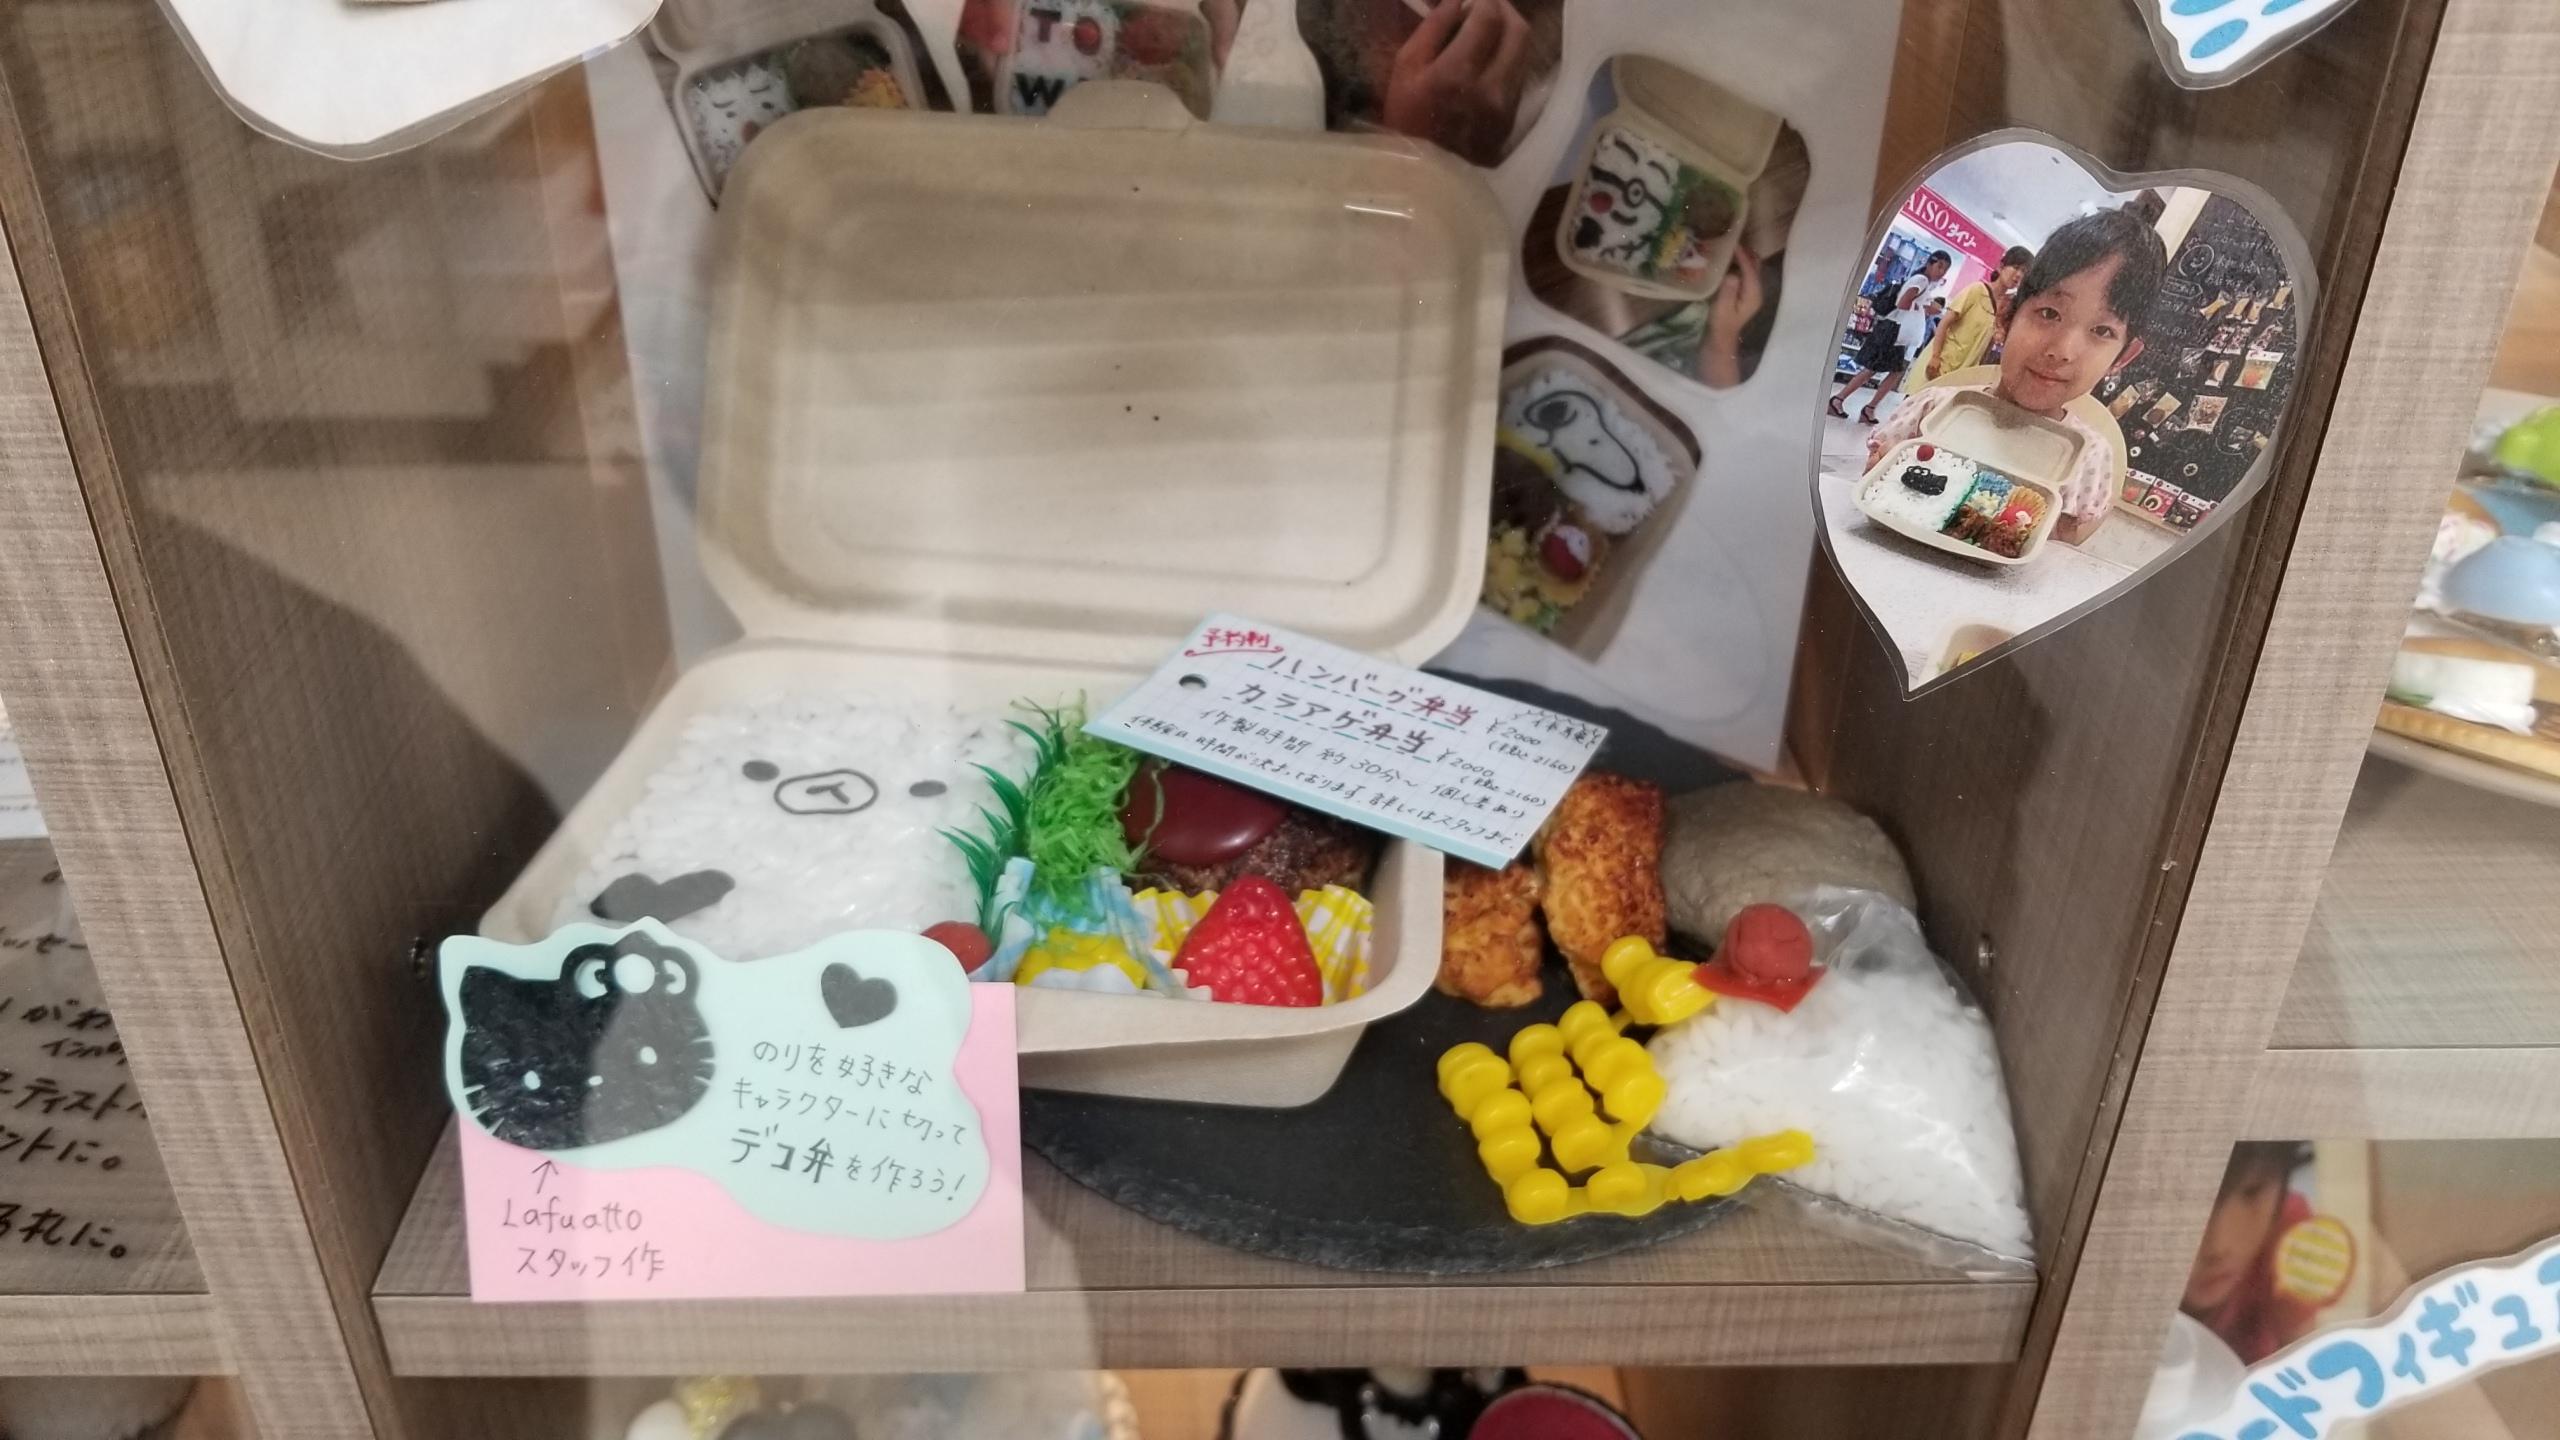 フェイクフード,食品サンプル,ハンバーグ,ジョープラ,shop,愛媛県